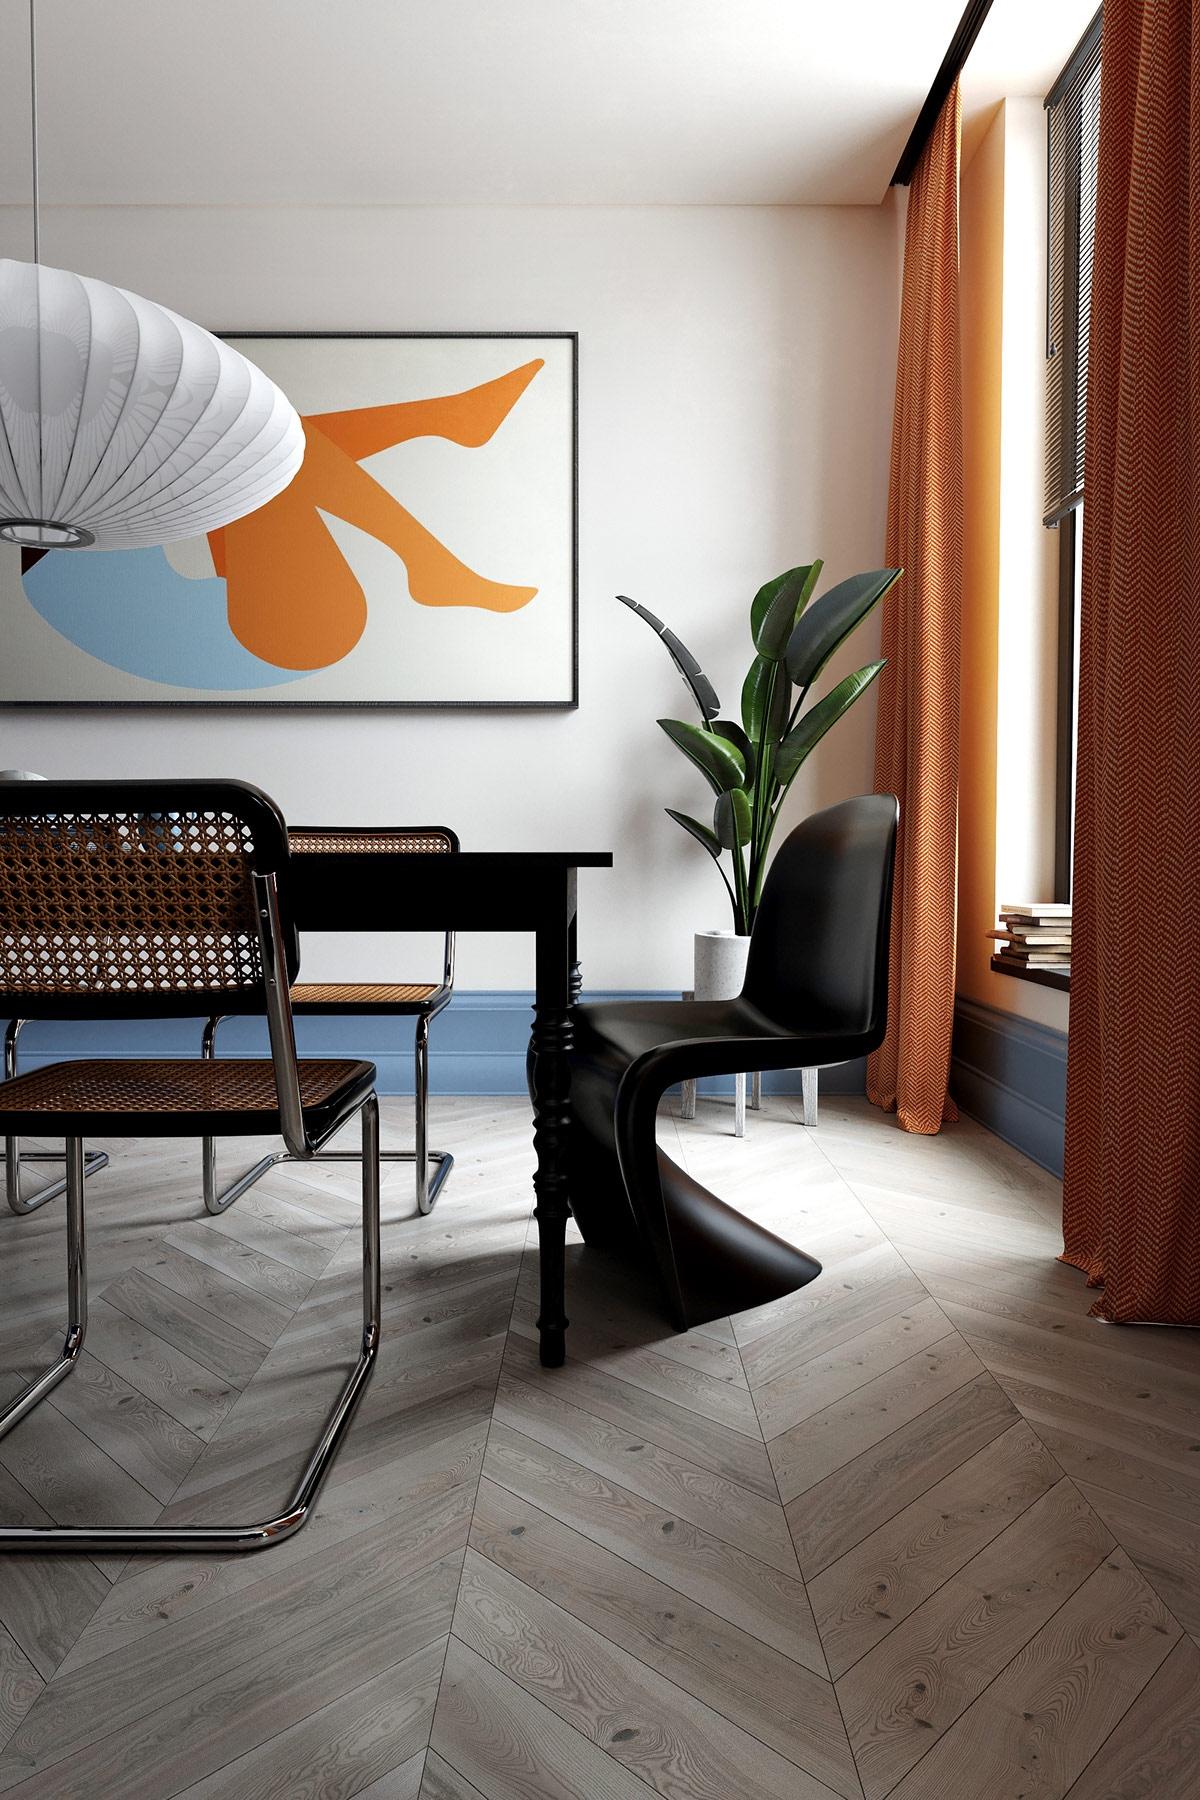 Bức tranh treo tường trừu tượng đi kèm với bộ bàn ăn tối màu mang lại sự thú vị, hấp dẫn trong không gian phòng ăn.